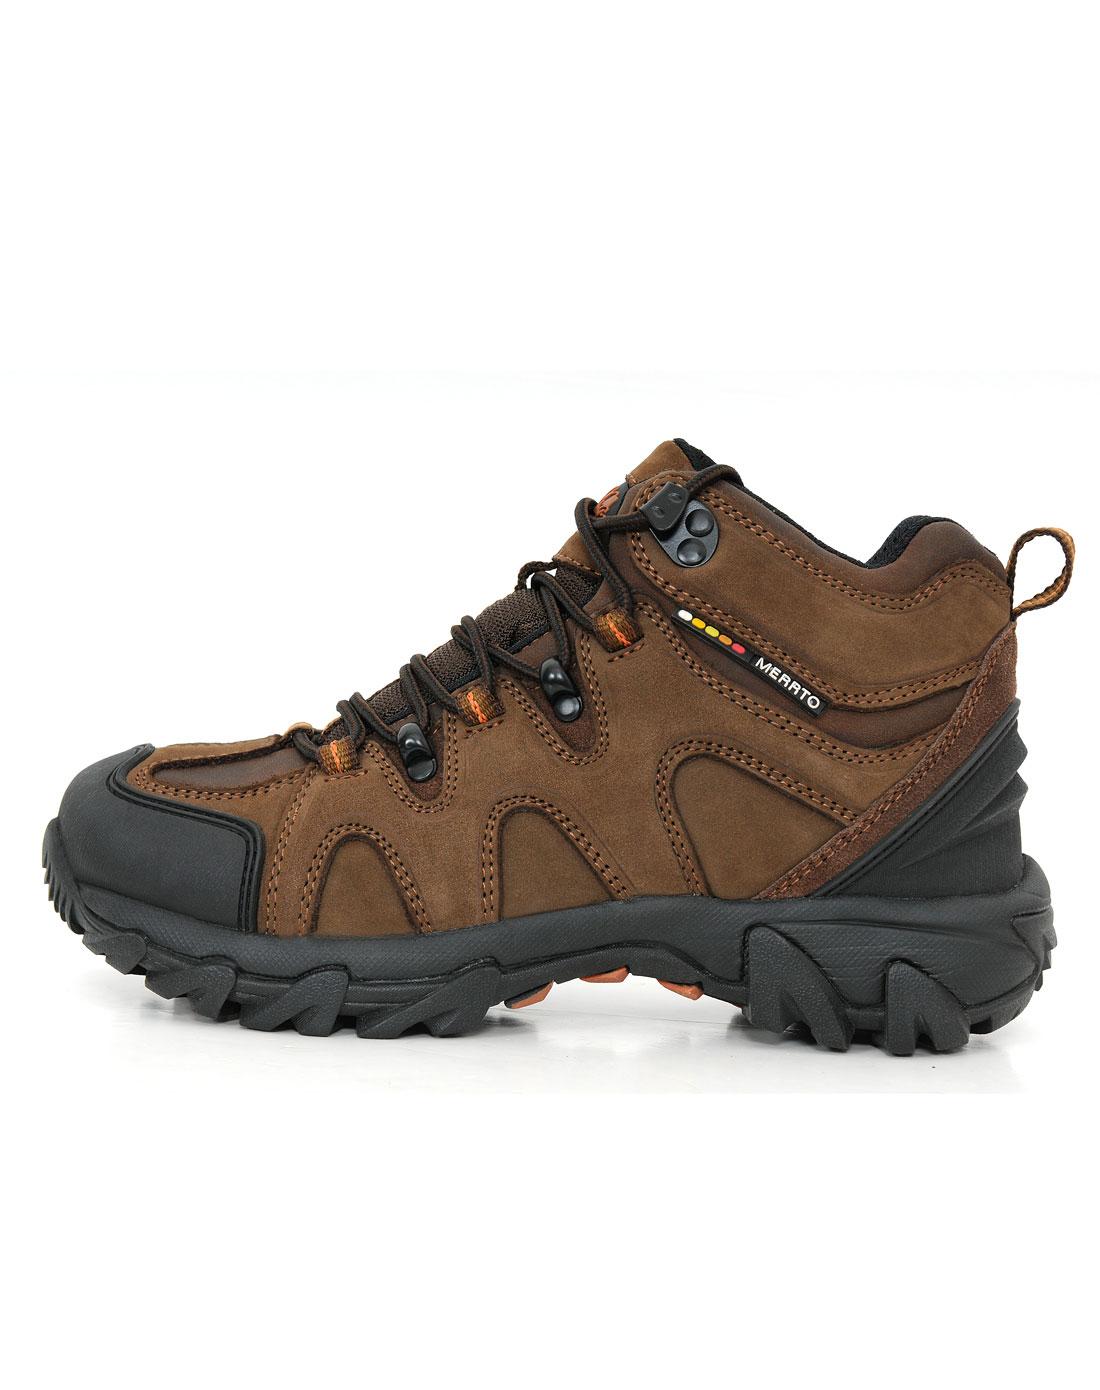 款咖啡色高帮防水登山鞋